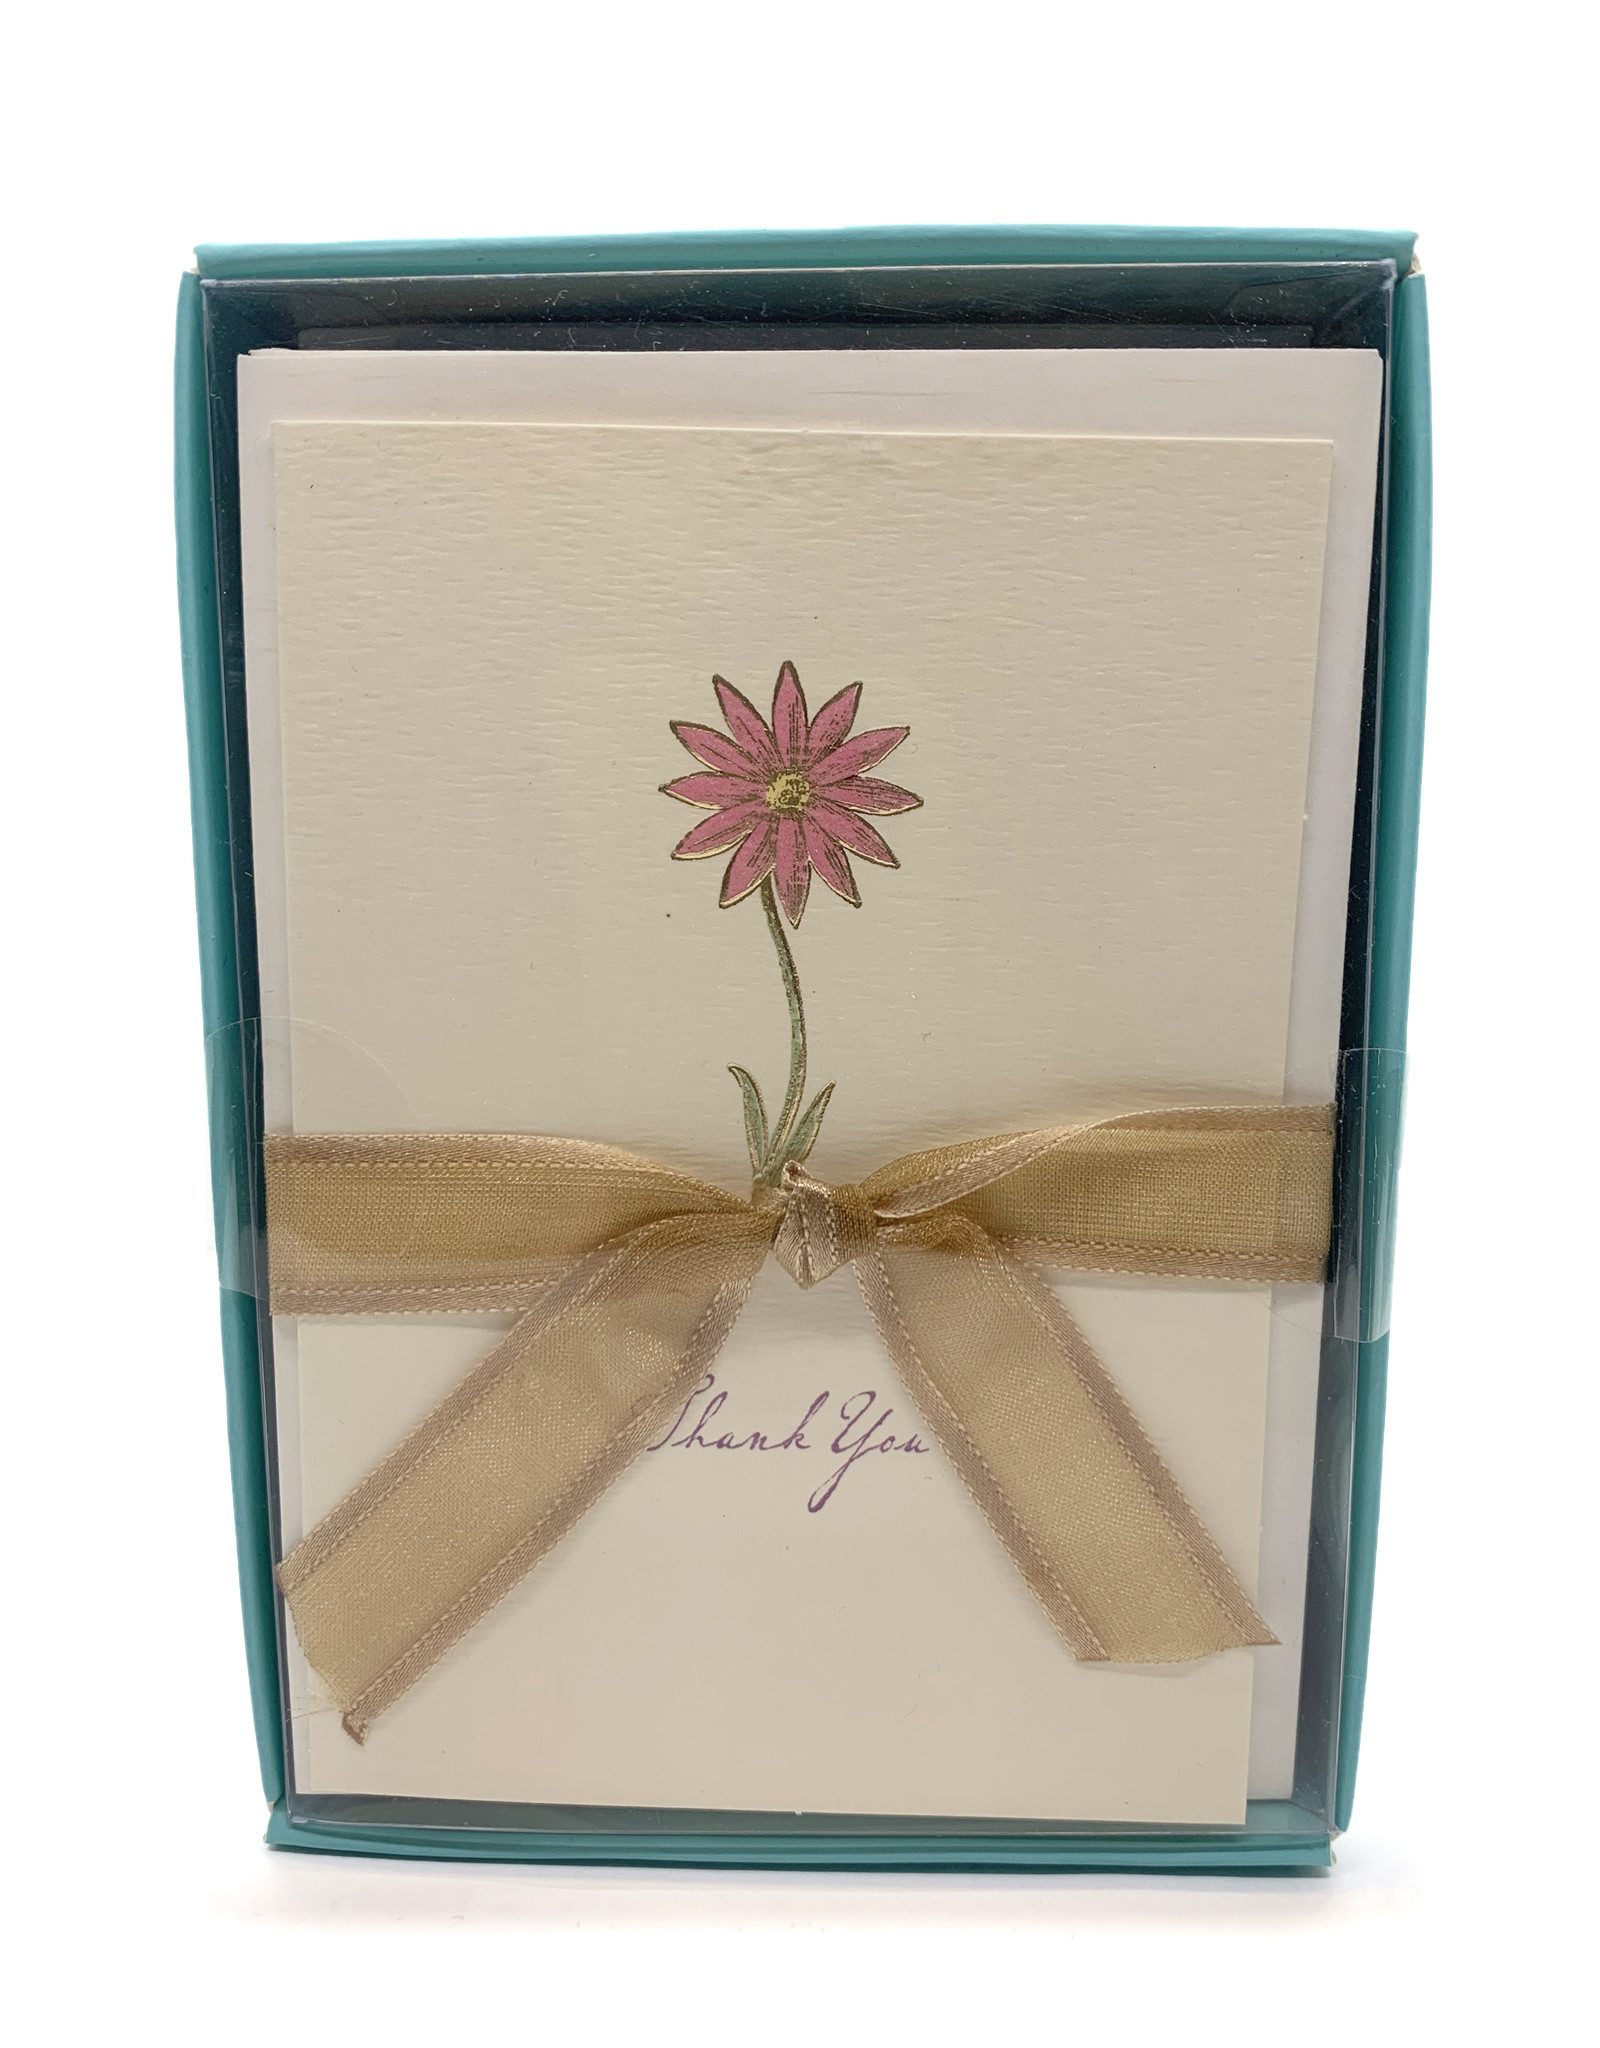 Thank You Cards A Single Daisy